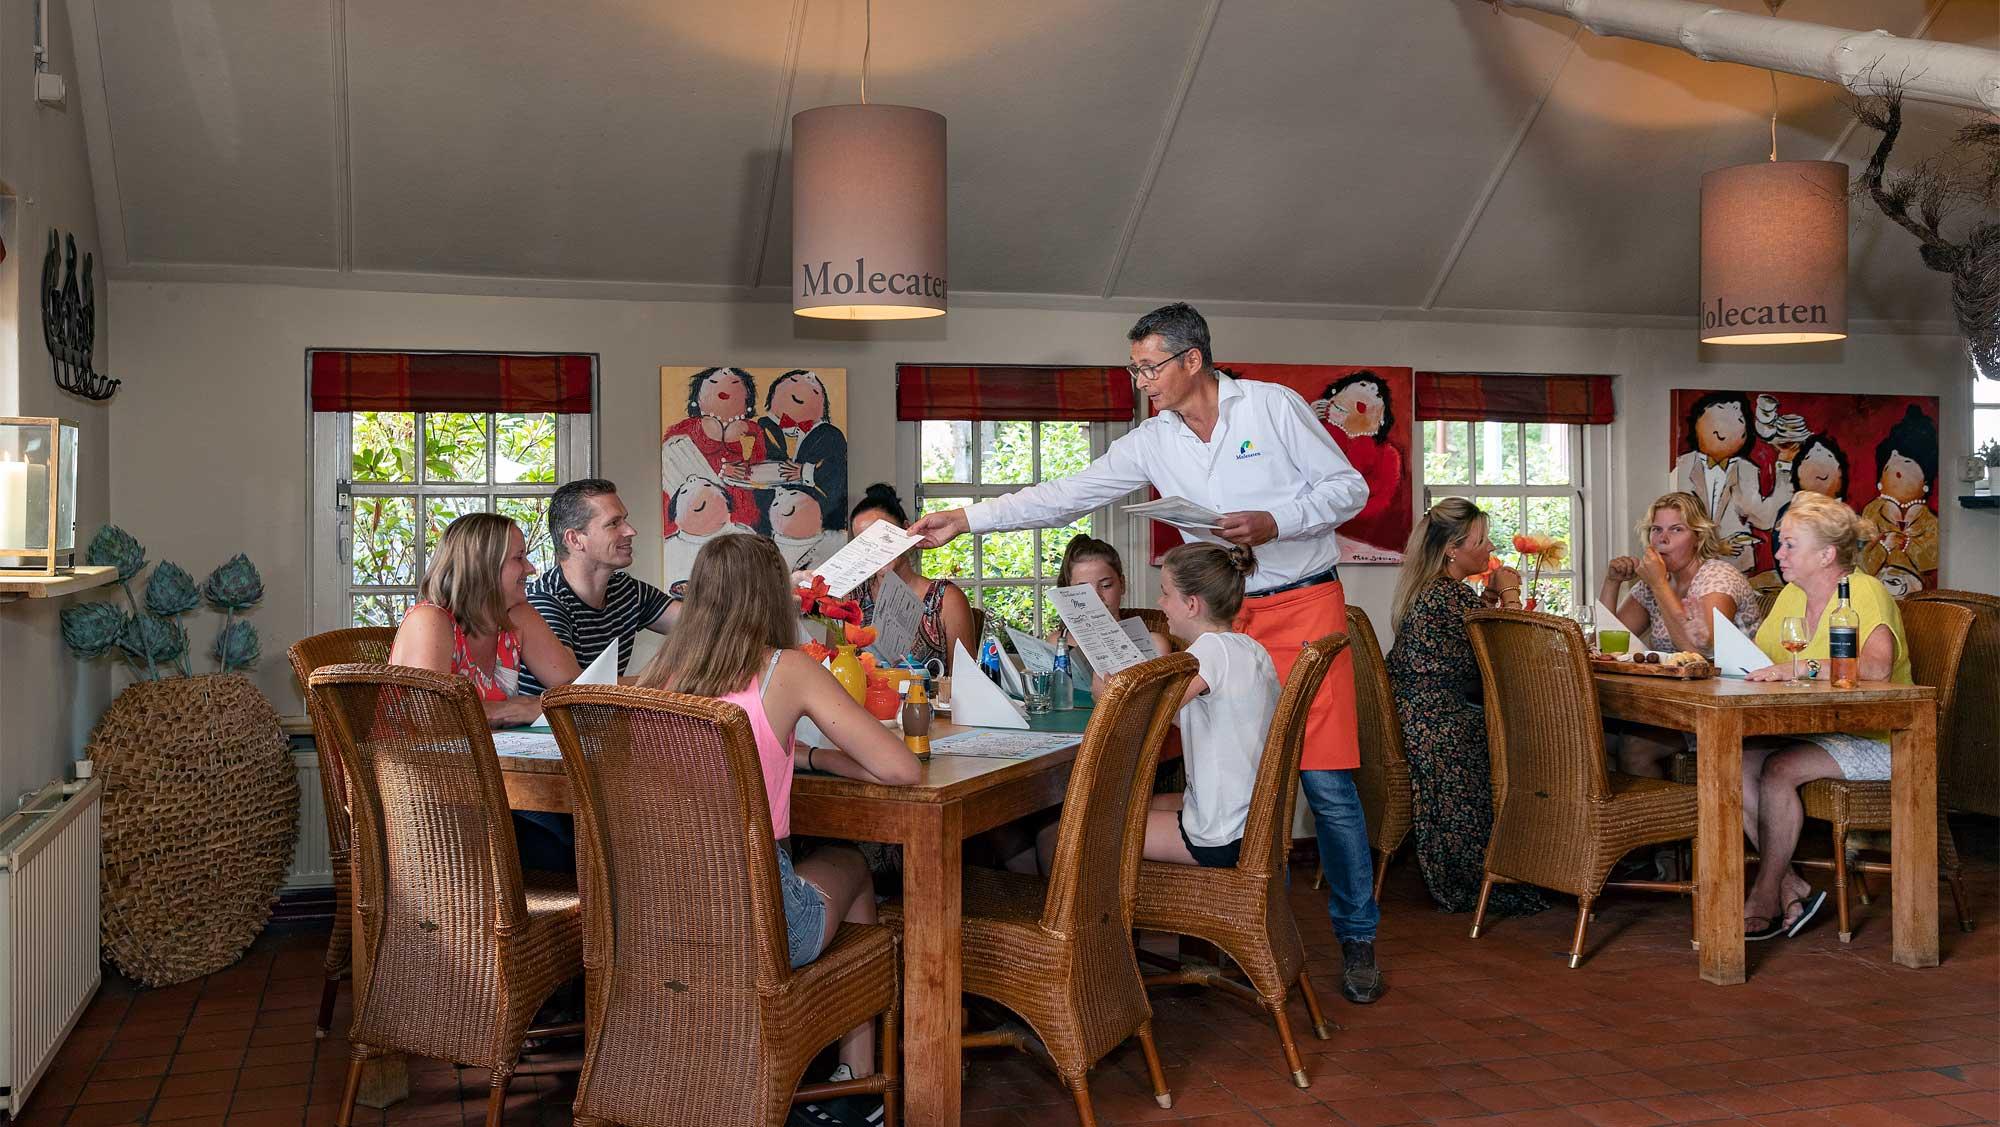 Restaurant De Keuken van Caatje Molecaten Park De Leemkule 08